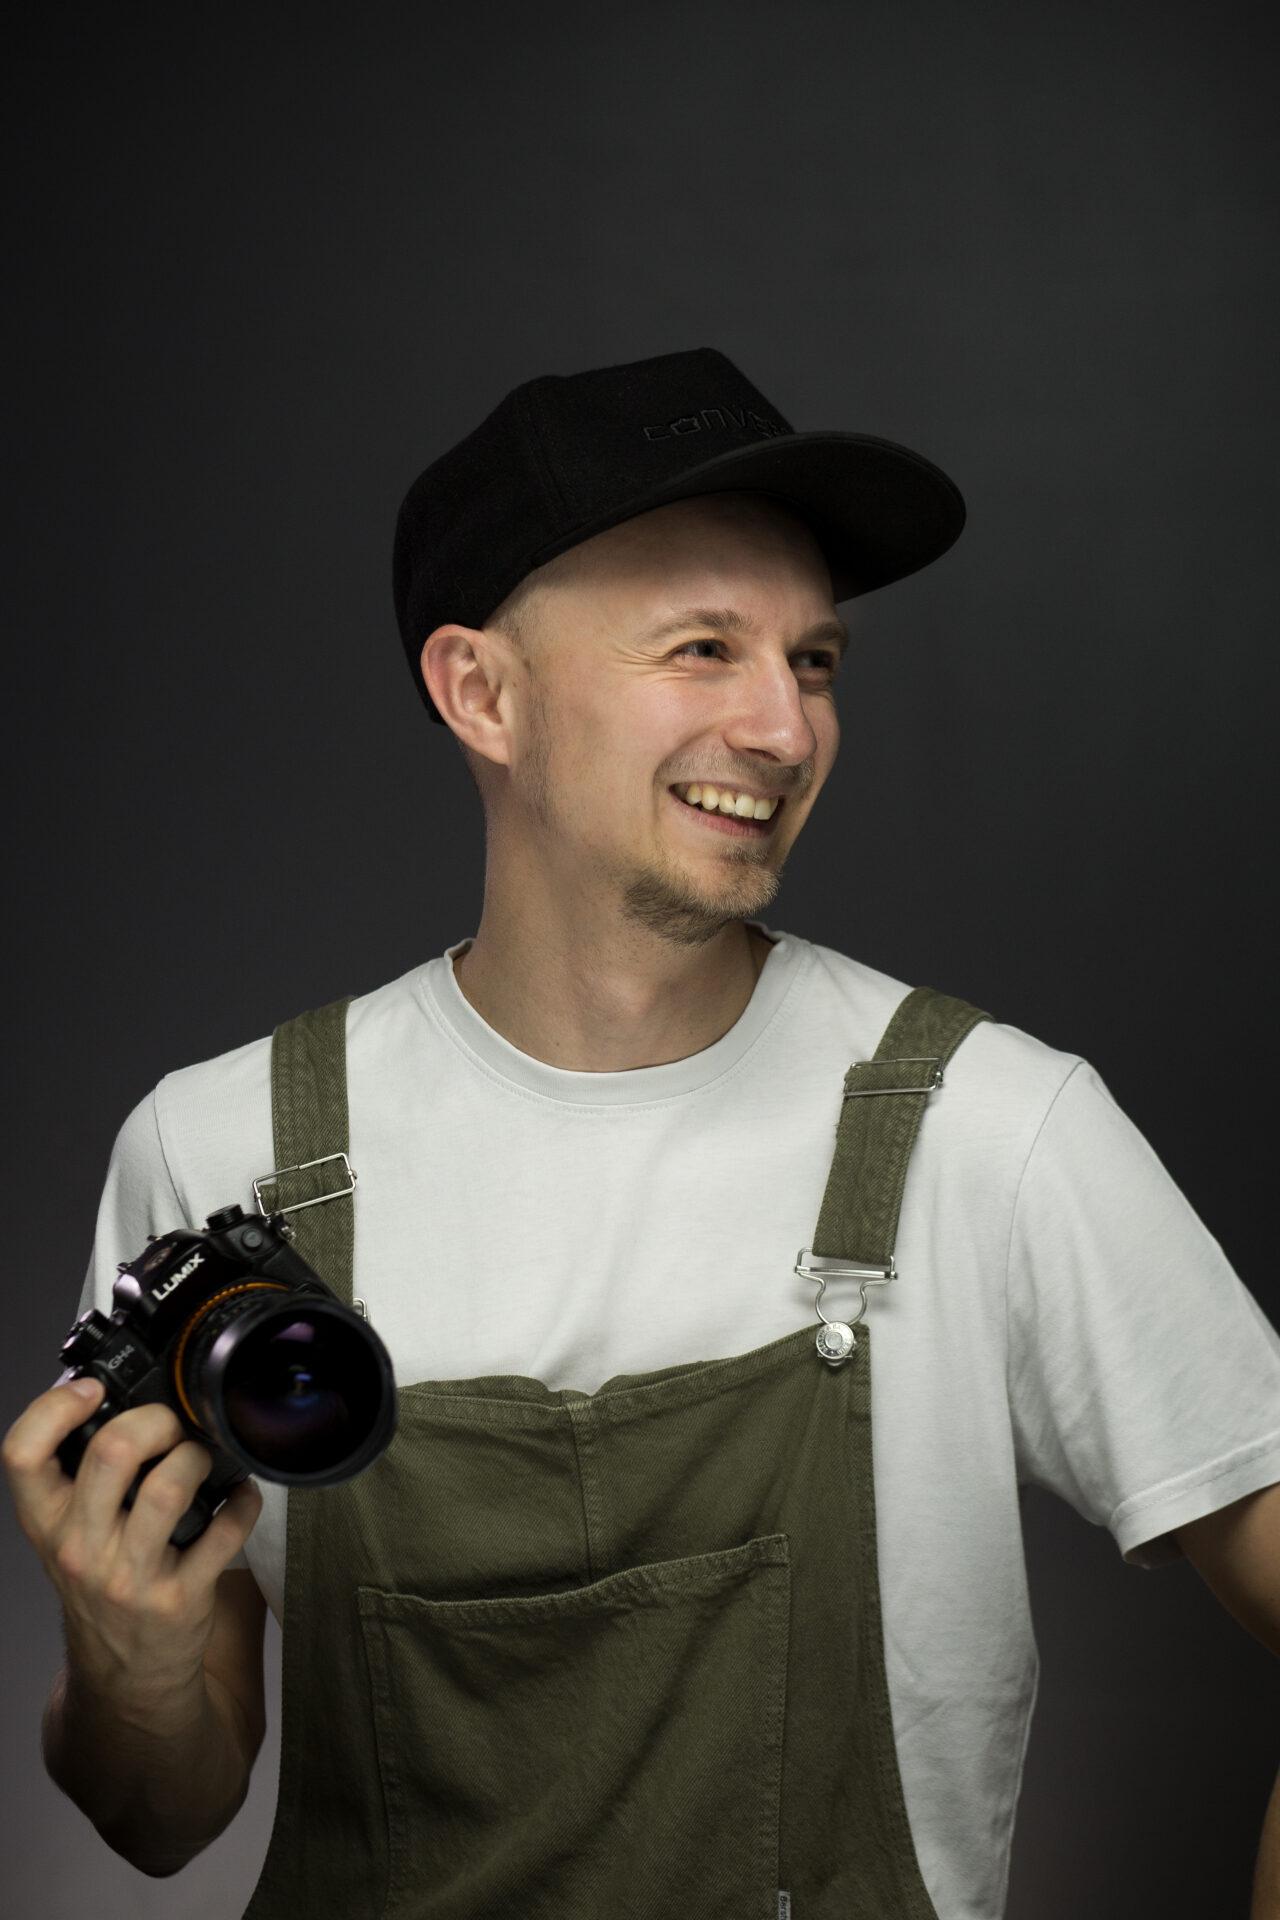 Aleksandr Postnikov